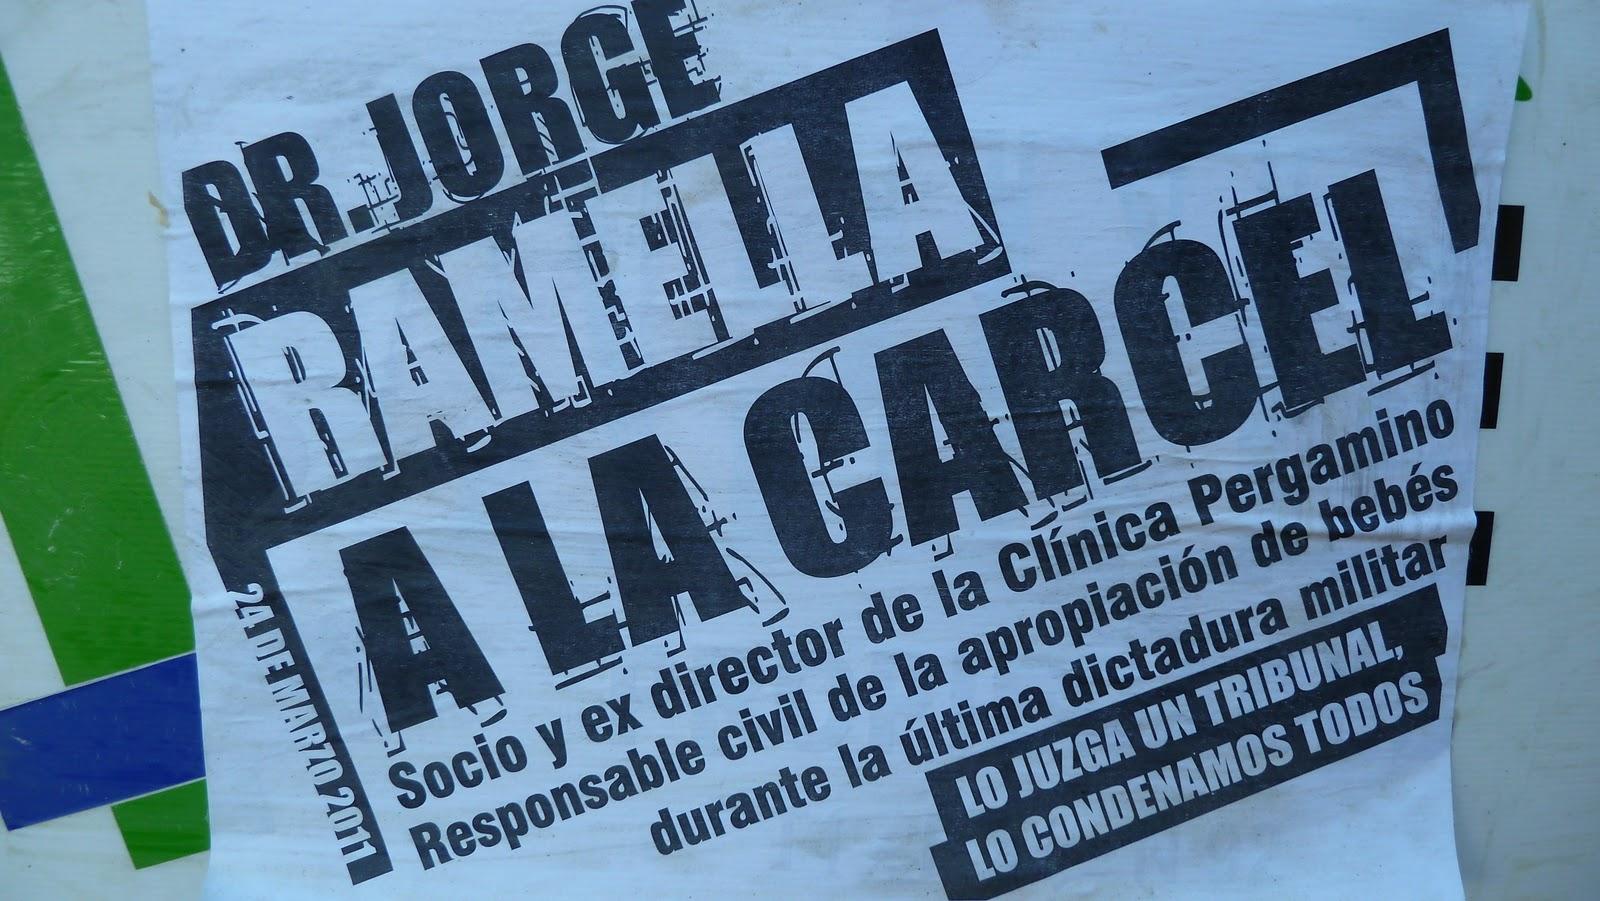 Fermín (historia, política y mucho más): marzo 2011